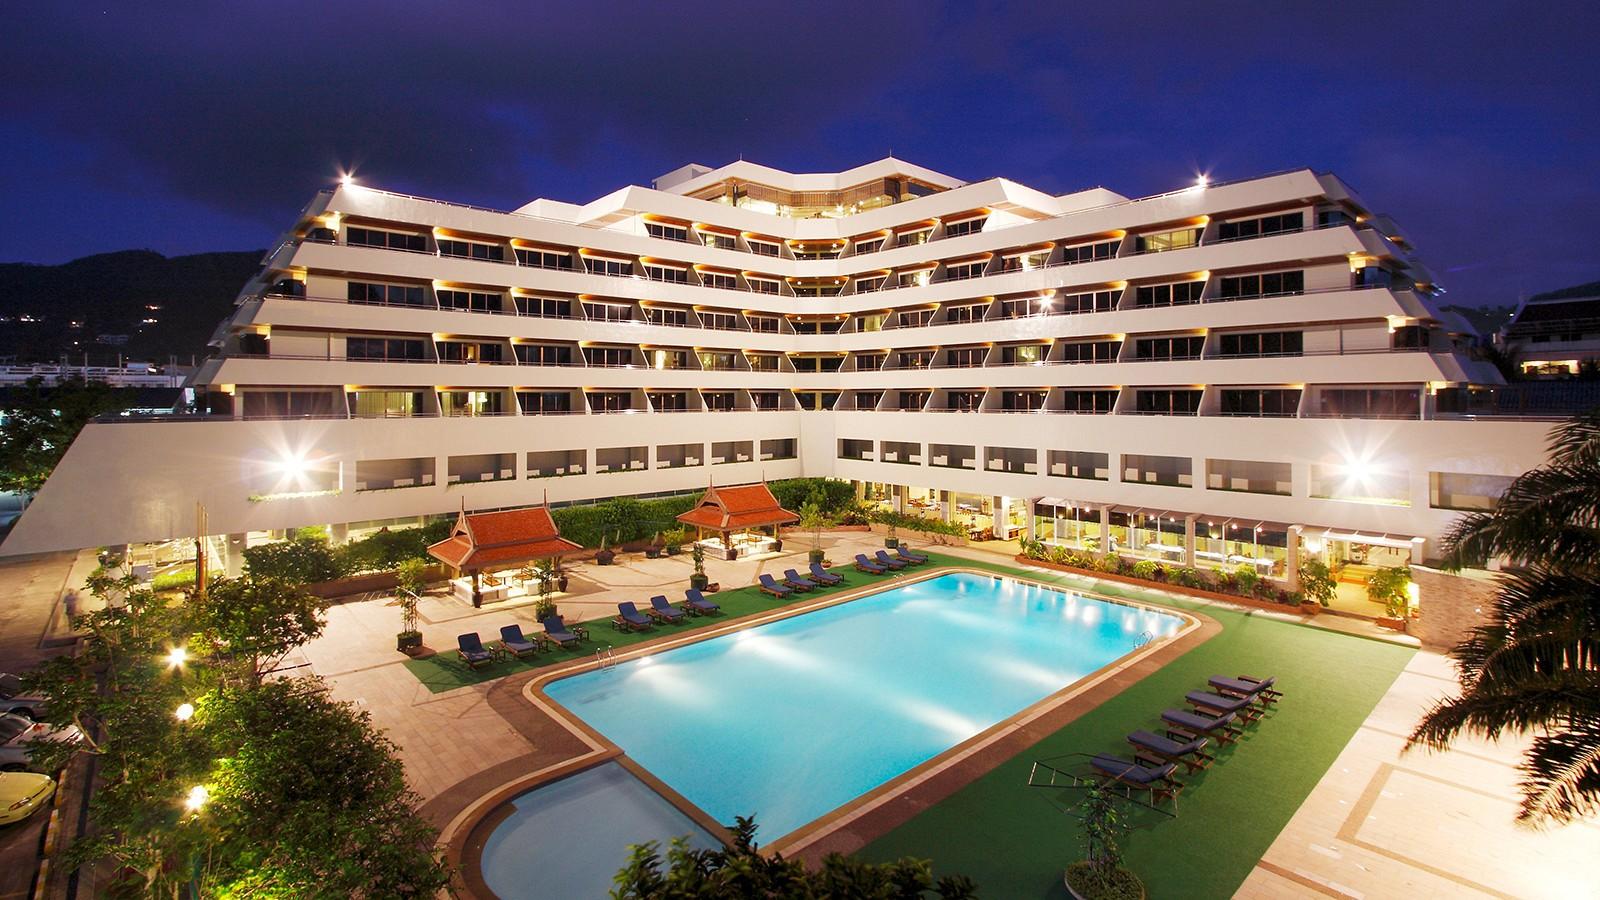 パトンリゾートホテル